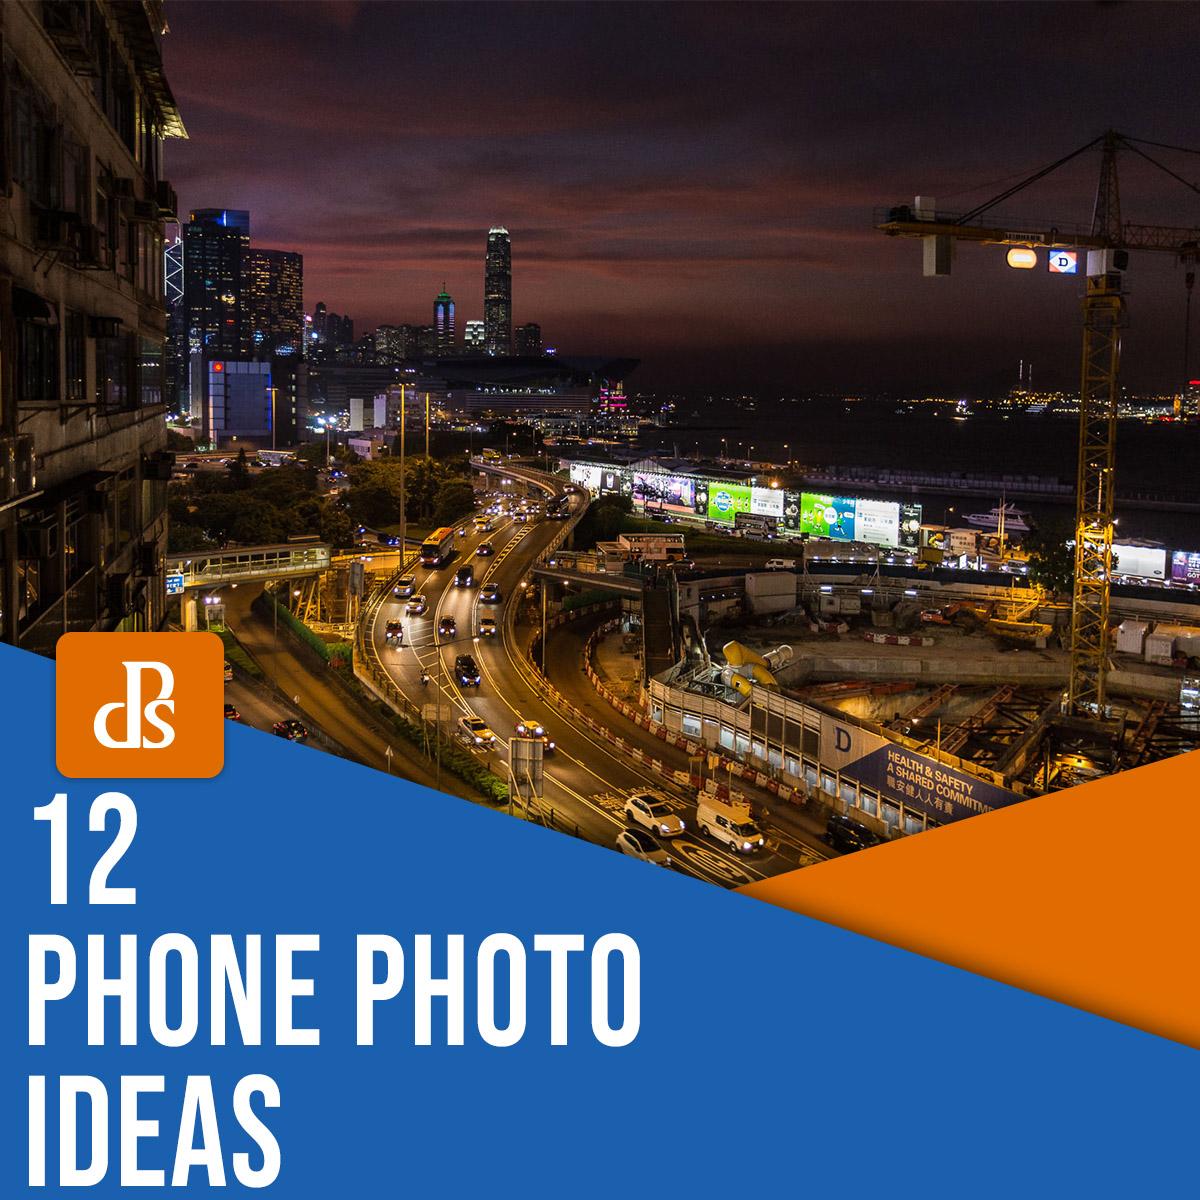 ideias de fotografia de telefone